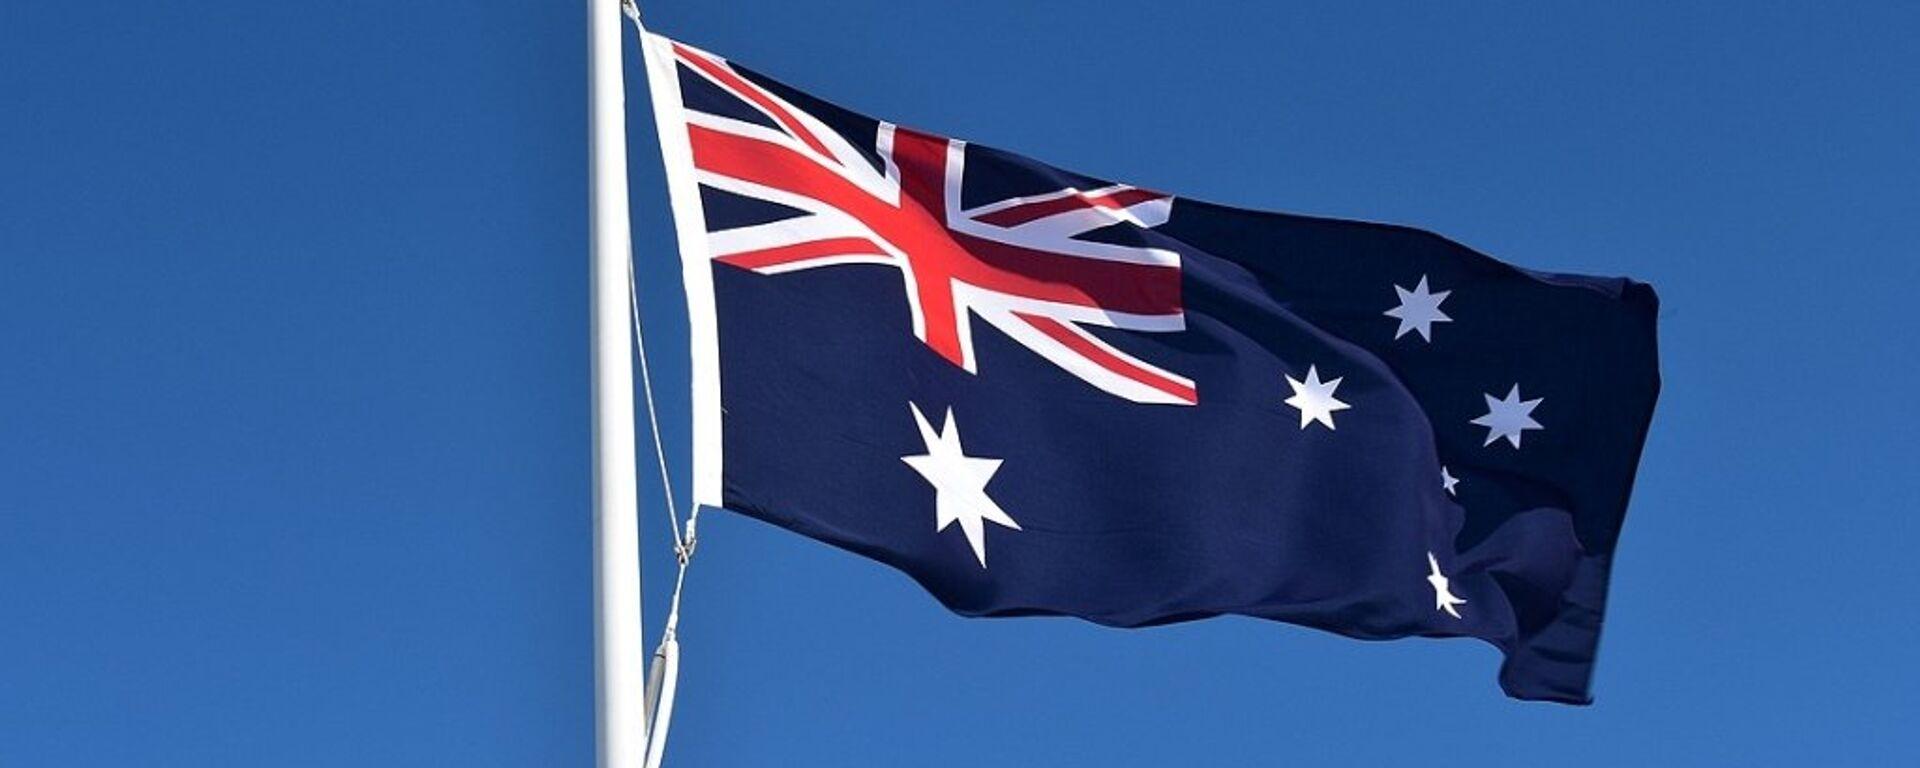 Avustralya bayrağı - Sputnik Türkiye, 1920, 18.09.2021